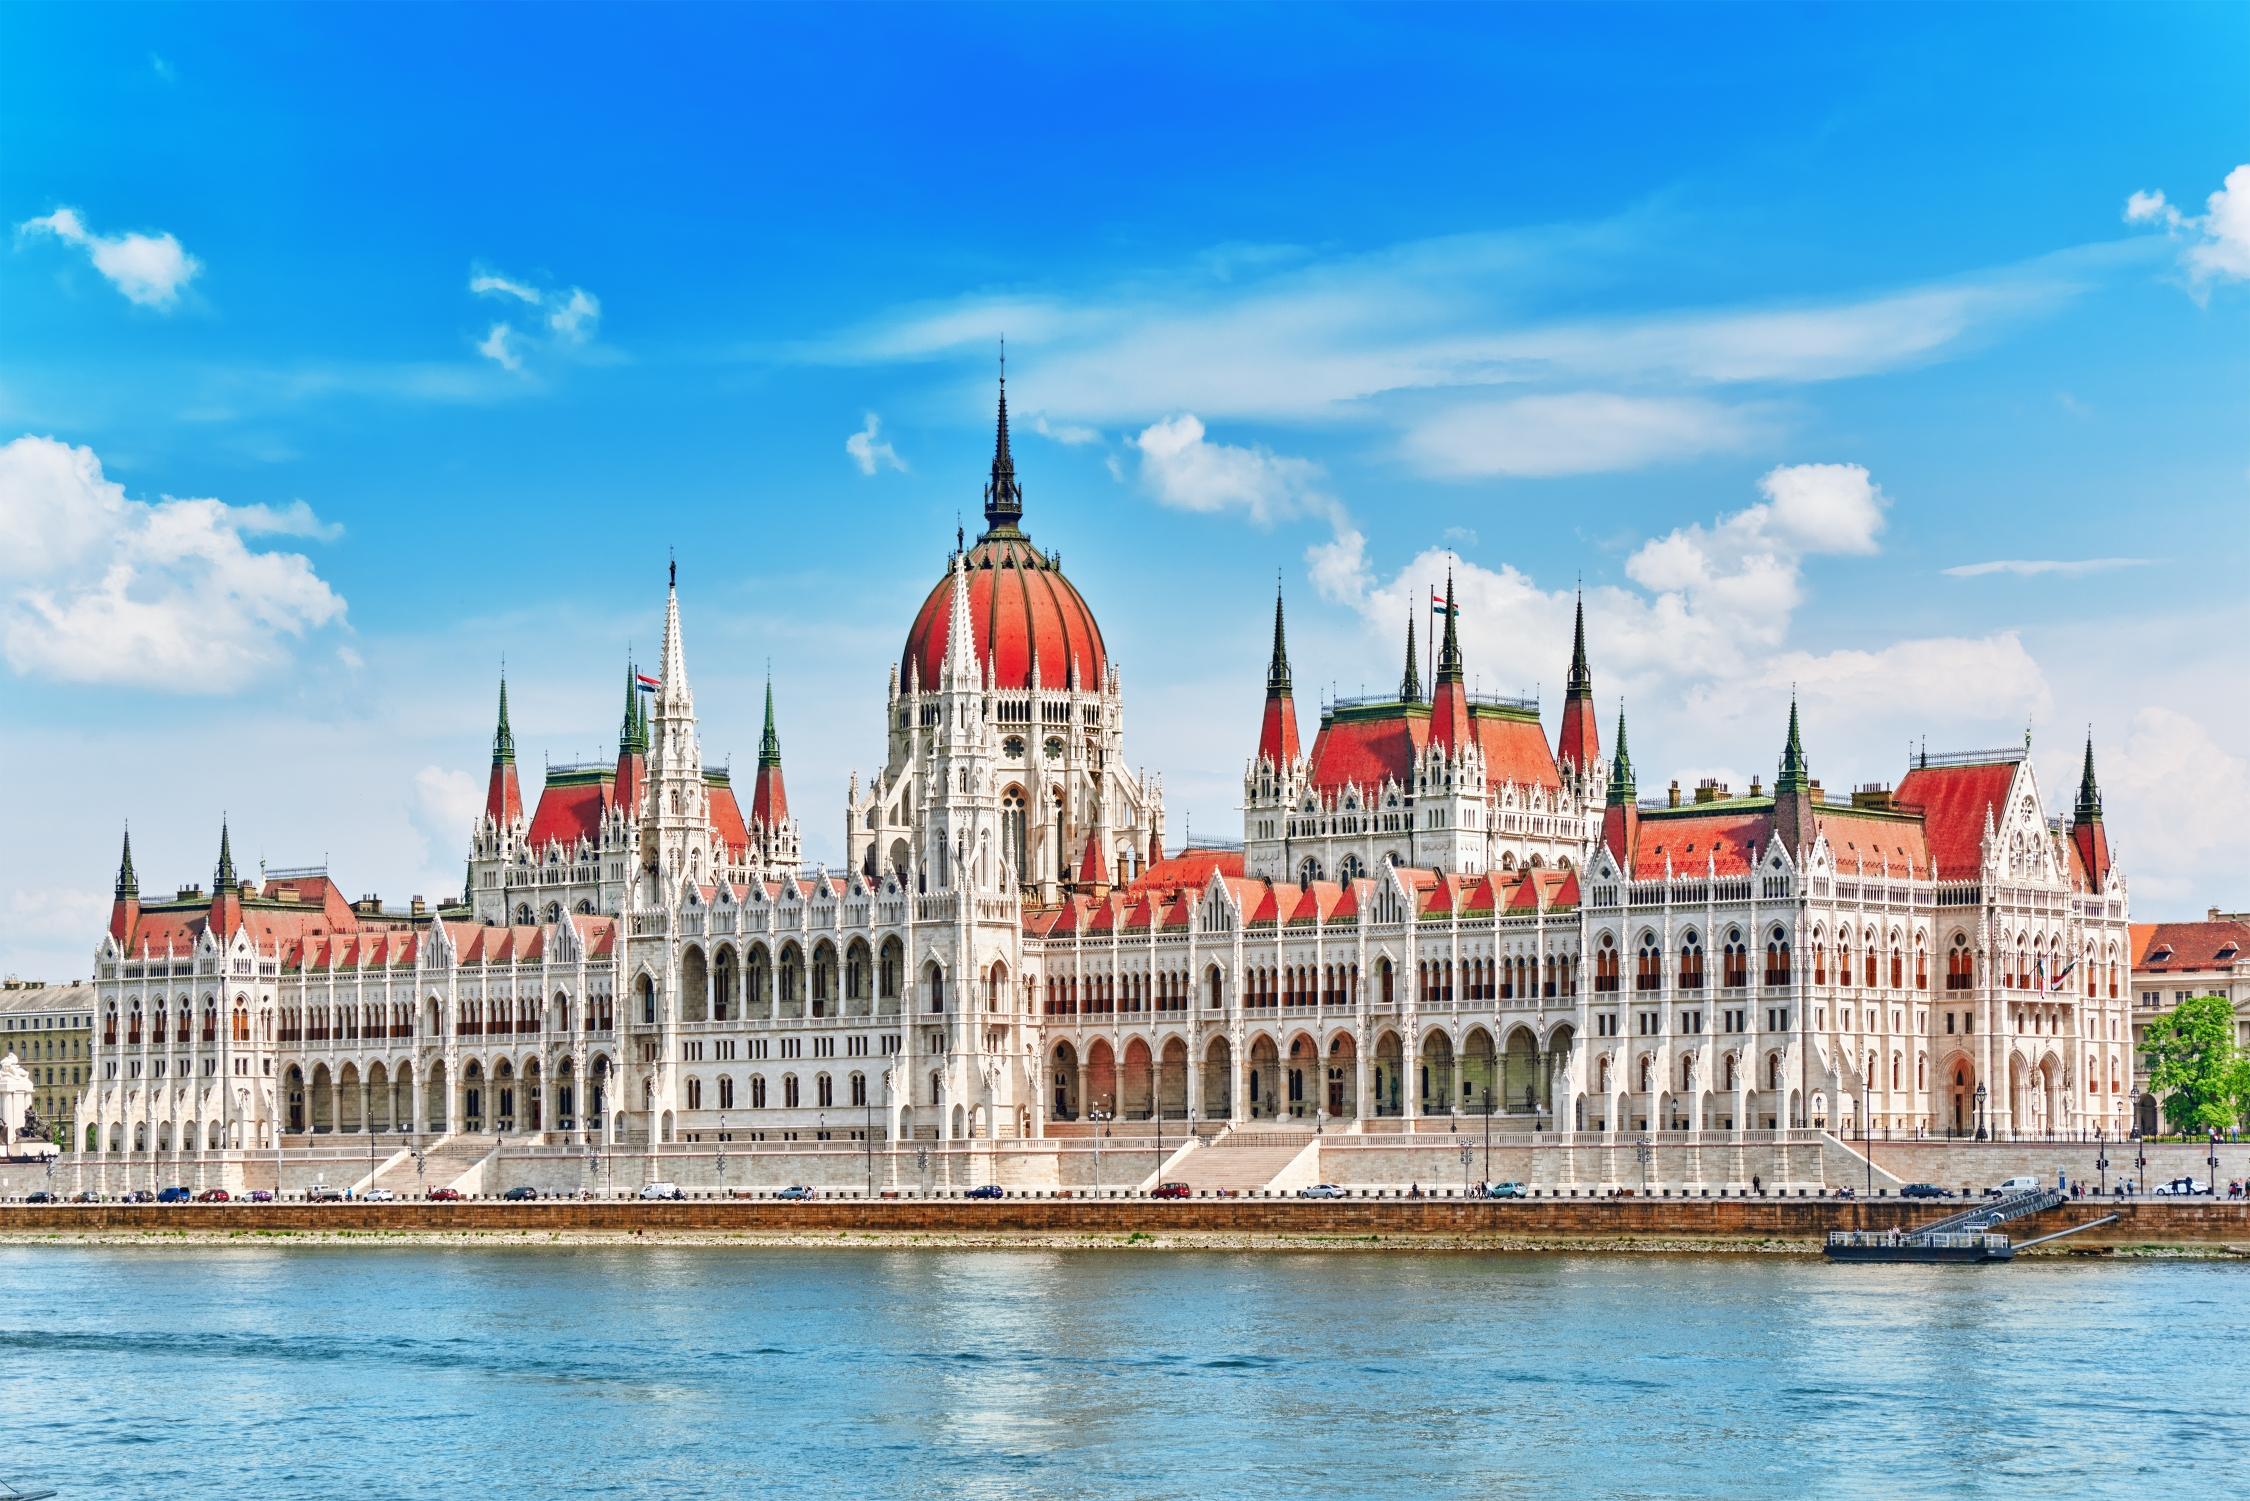 Impozantní budova nad hladinou Dunaje - není divu, že je parlament často focen na pohlednice a do katalogů.